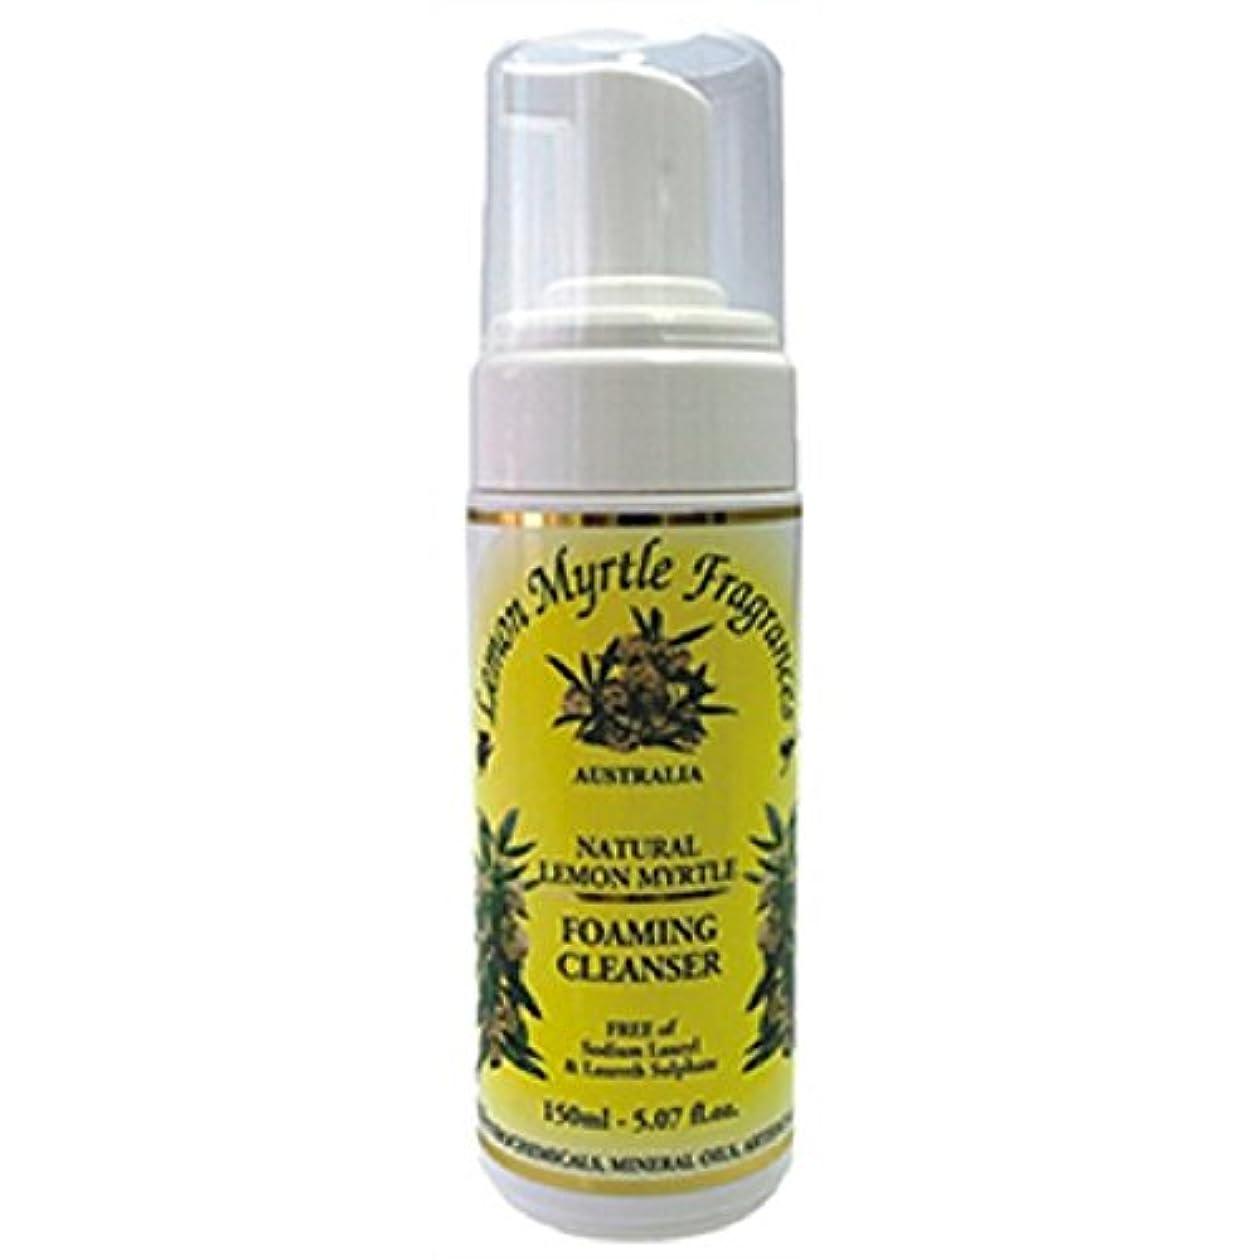 ナットブリーク義務【LEMON MYRTLE FRAGRANCES】Hand Cleanser レモンマートルフレグランス ハンドソープ 150g 6個セット